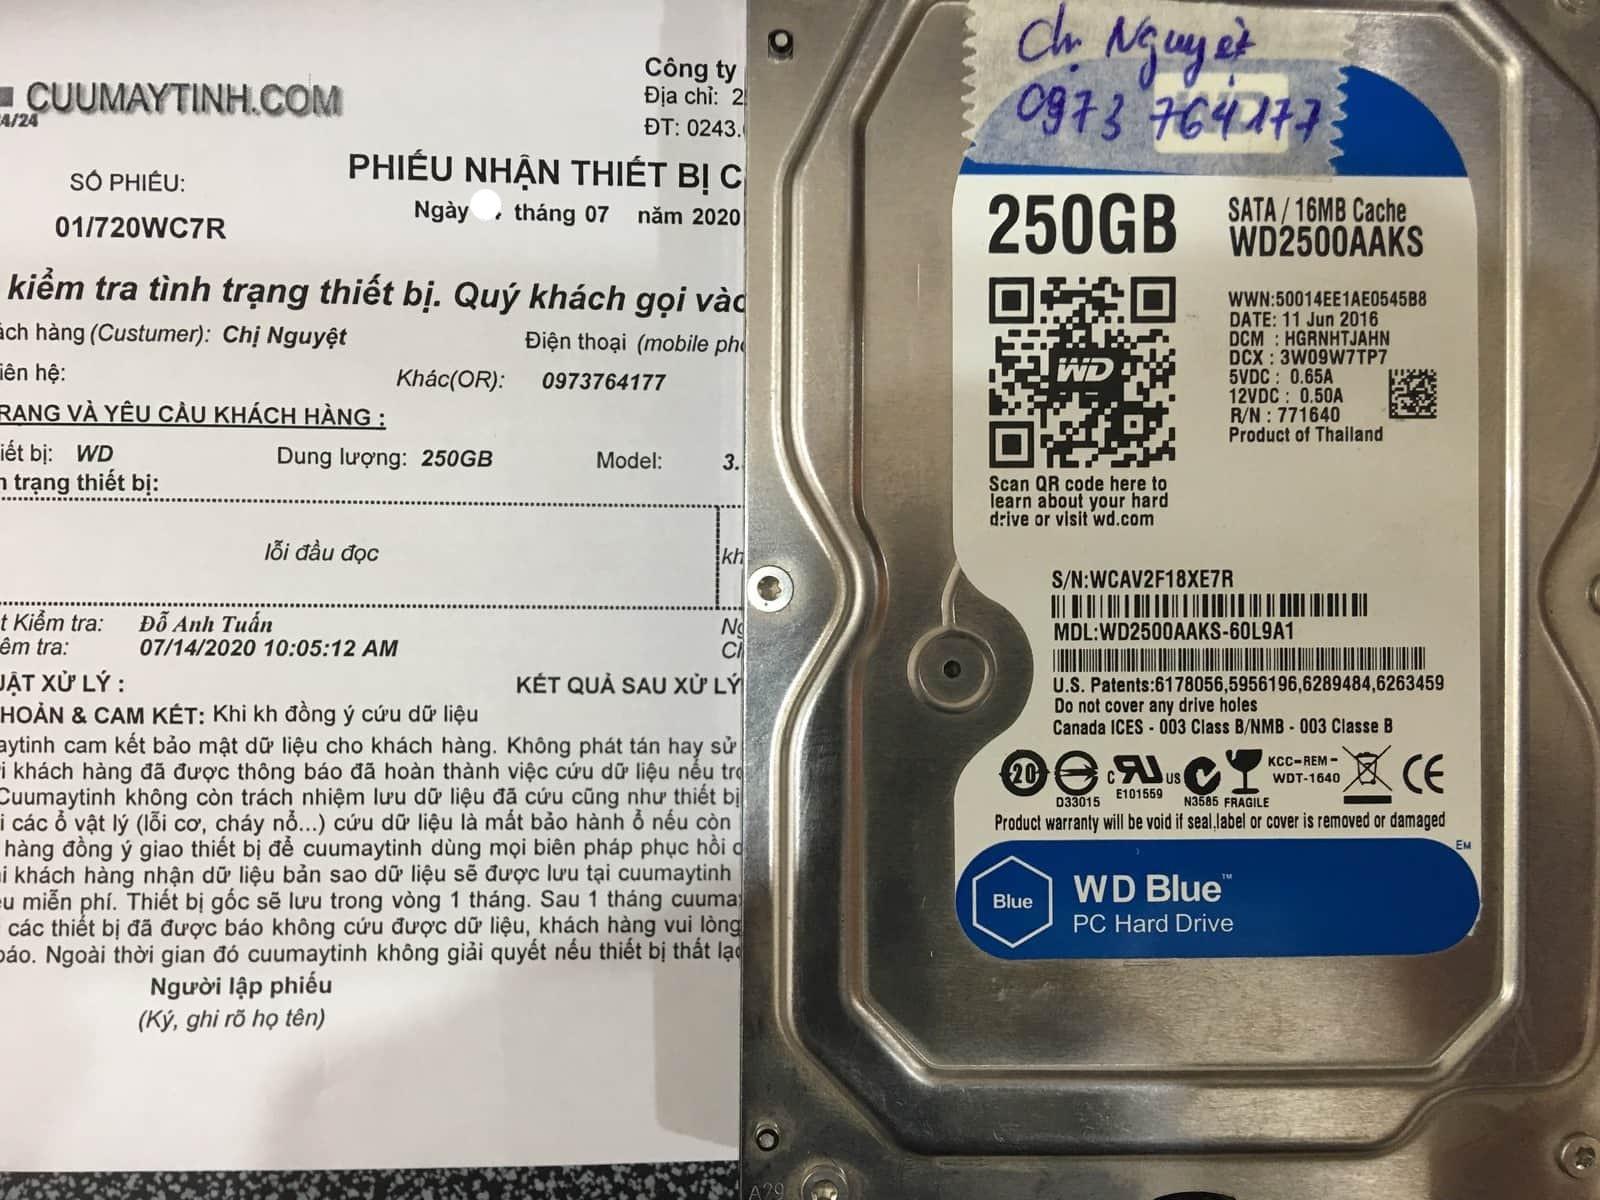 Cứu dữ liệu ổ cứng Western 250GB lỗi đầu đọc 20/07/2020 - cuumaytinh